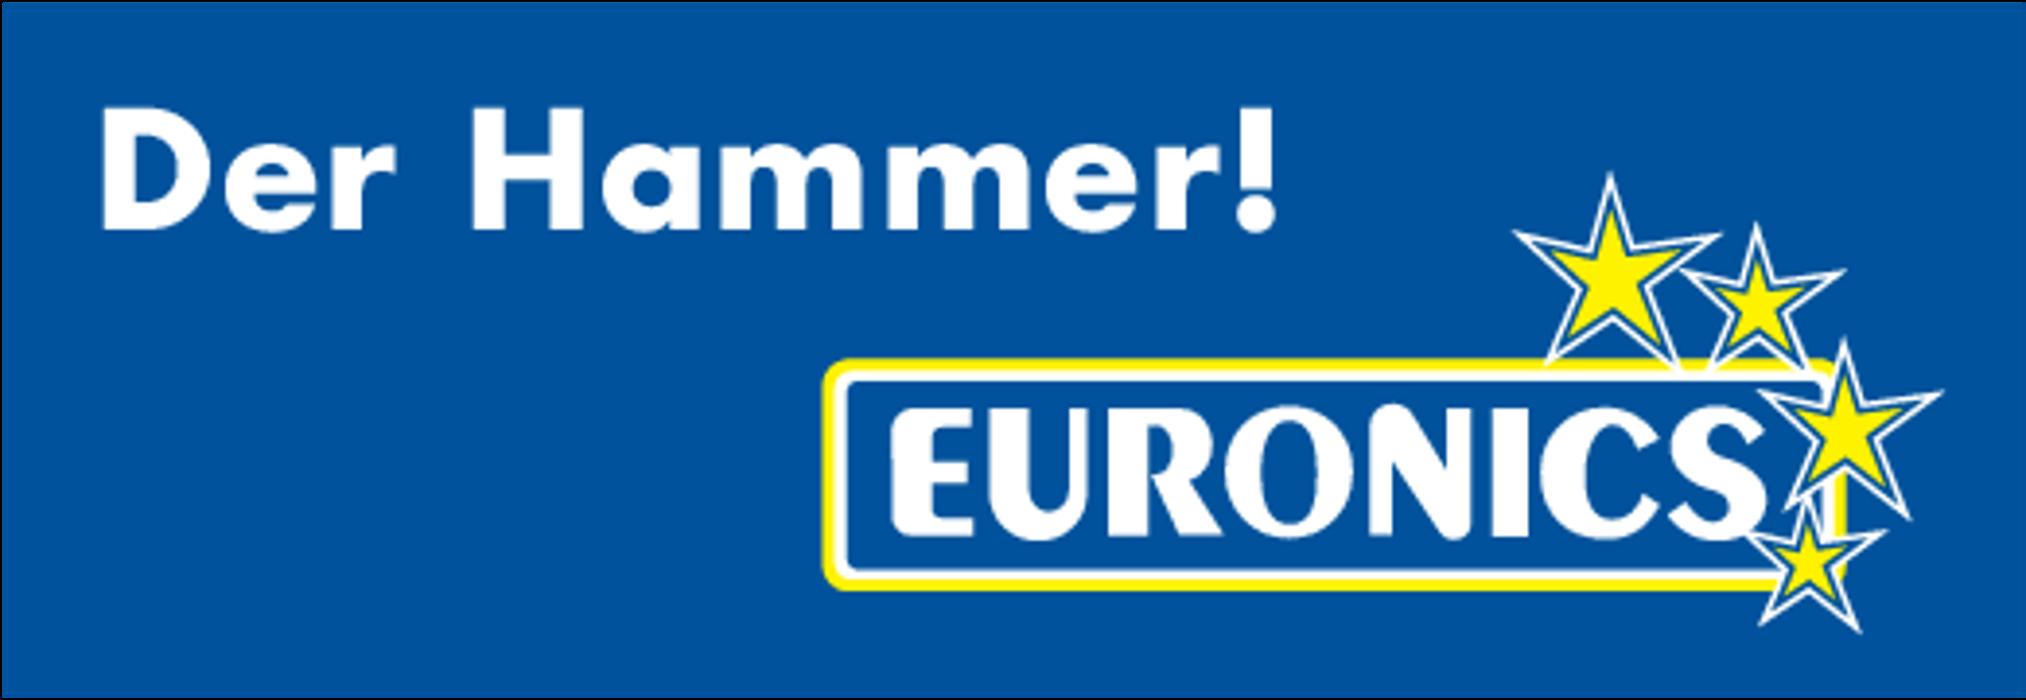 Bild zu EURONICS HAMMER Fachmarkt in Vilsbiburg